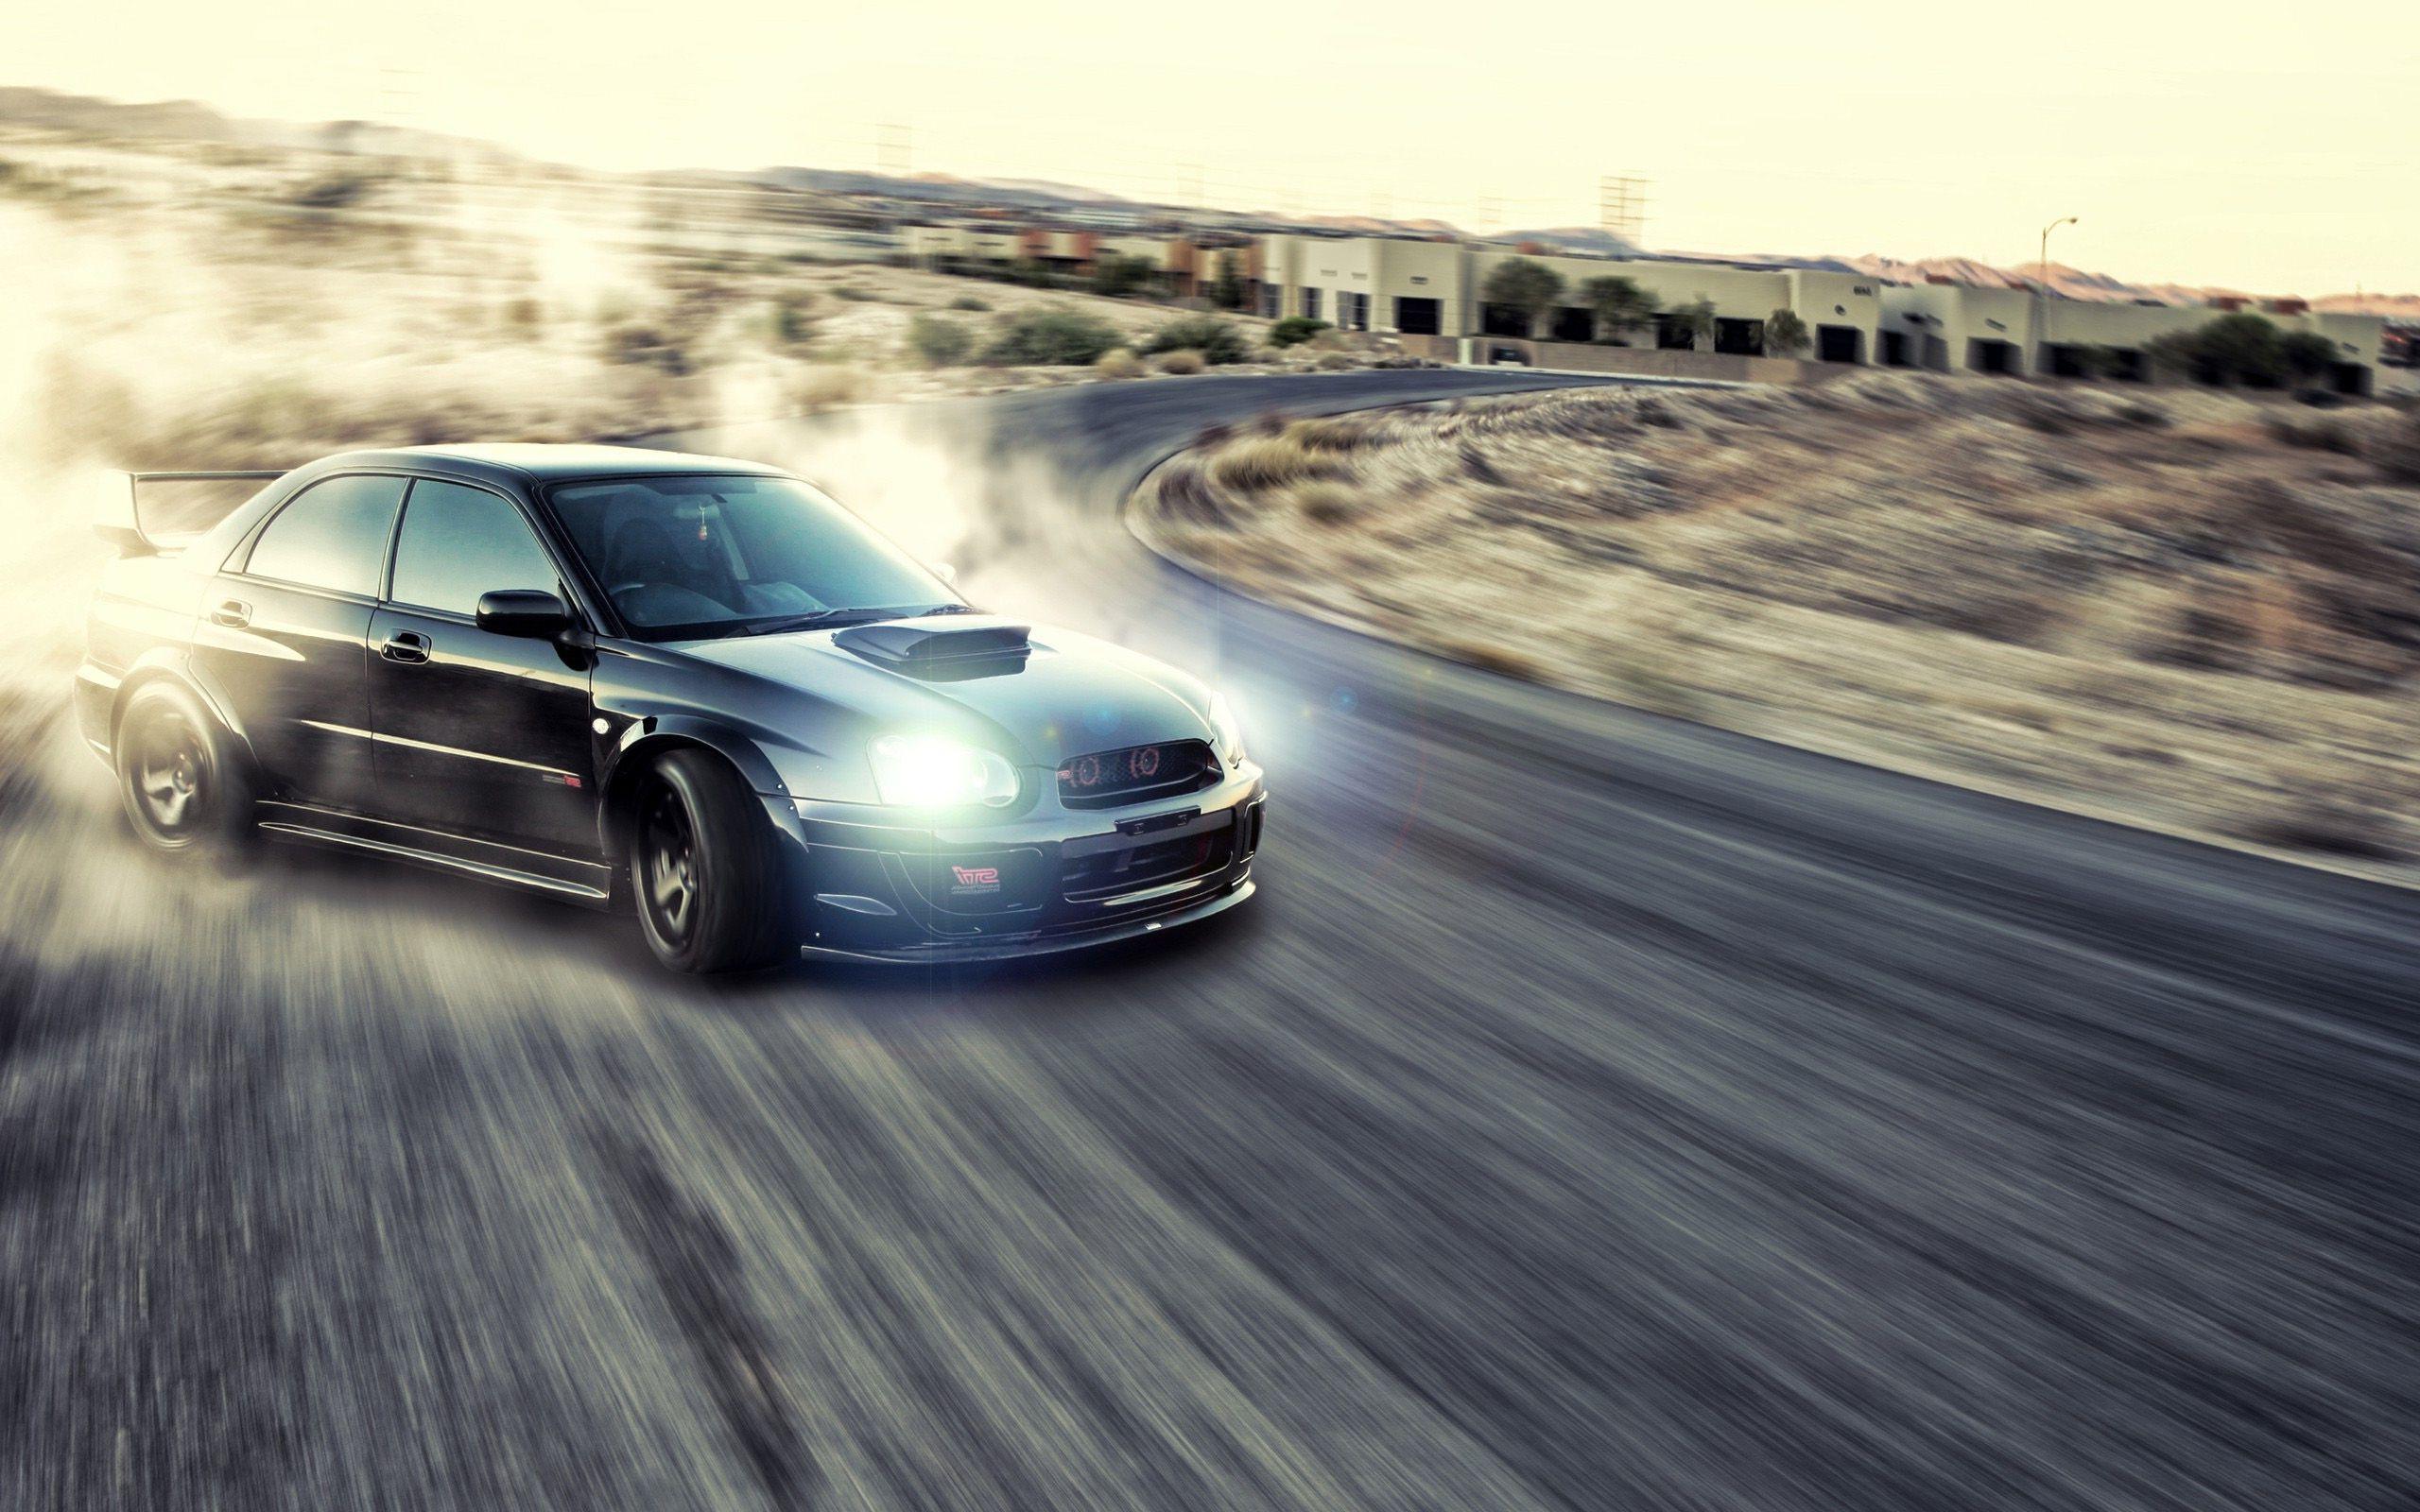 Drifting wallpapers top free drifting backgrounds - Drift car wallpaper ...